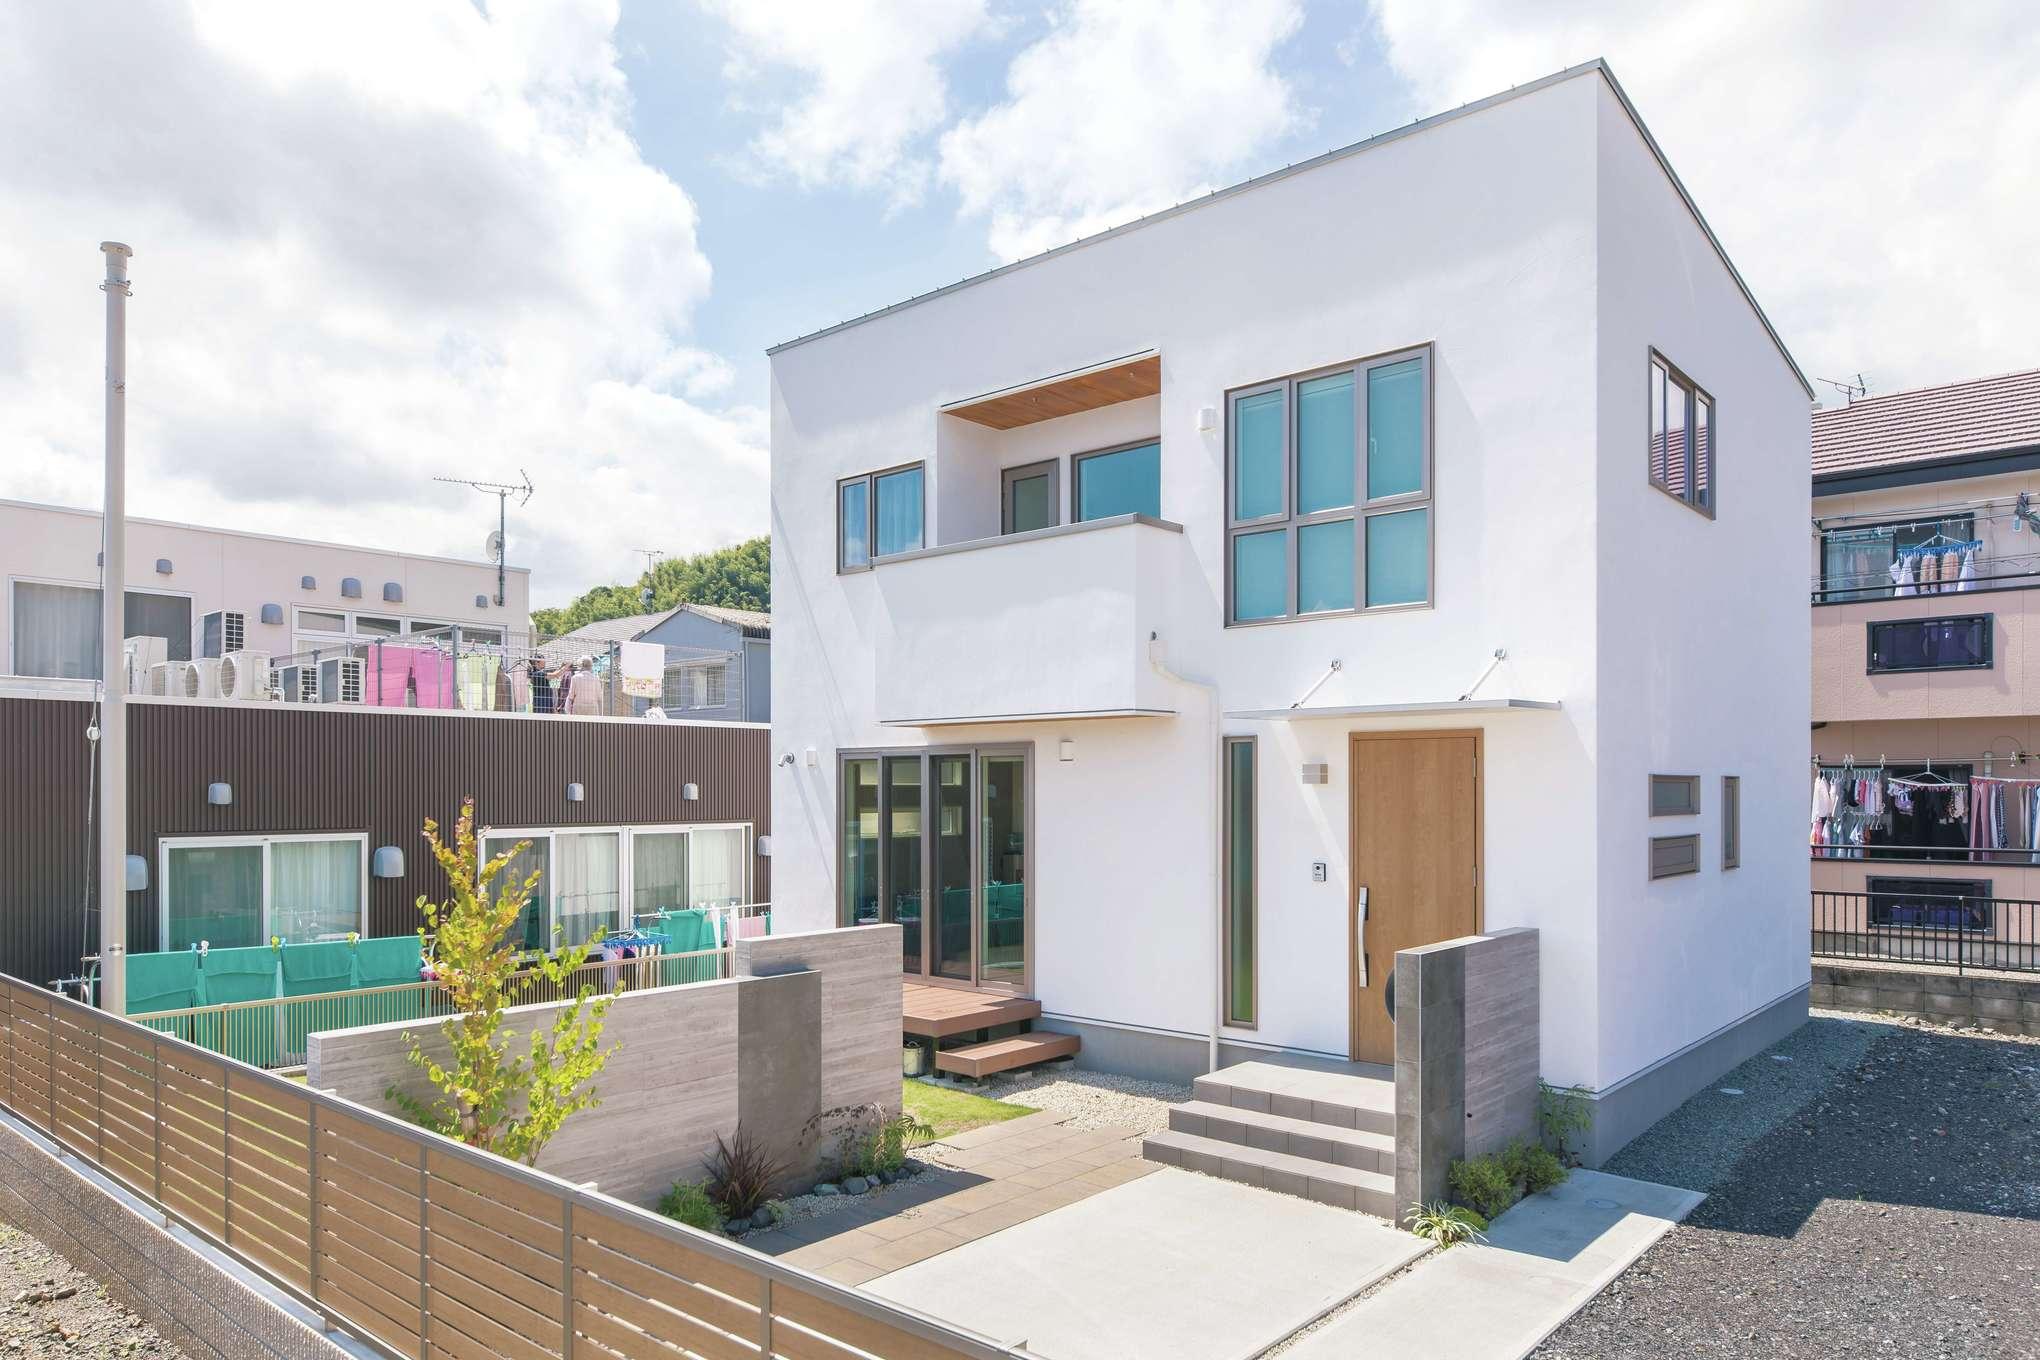 シンプルでスタイリッシュなキューブ型の外観。外壁は、100%天然成分のスイス漆喰「カルクウォール」を採用。吸放湿性・断熱性・防火性にすぐれ、メンテナンスも楽々。すてきな外構も『共栄住研』にお任せ